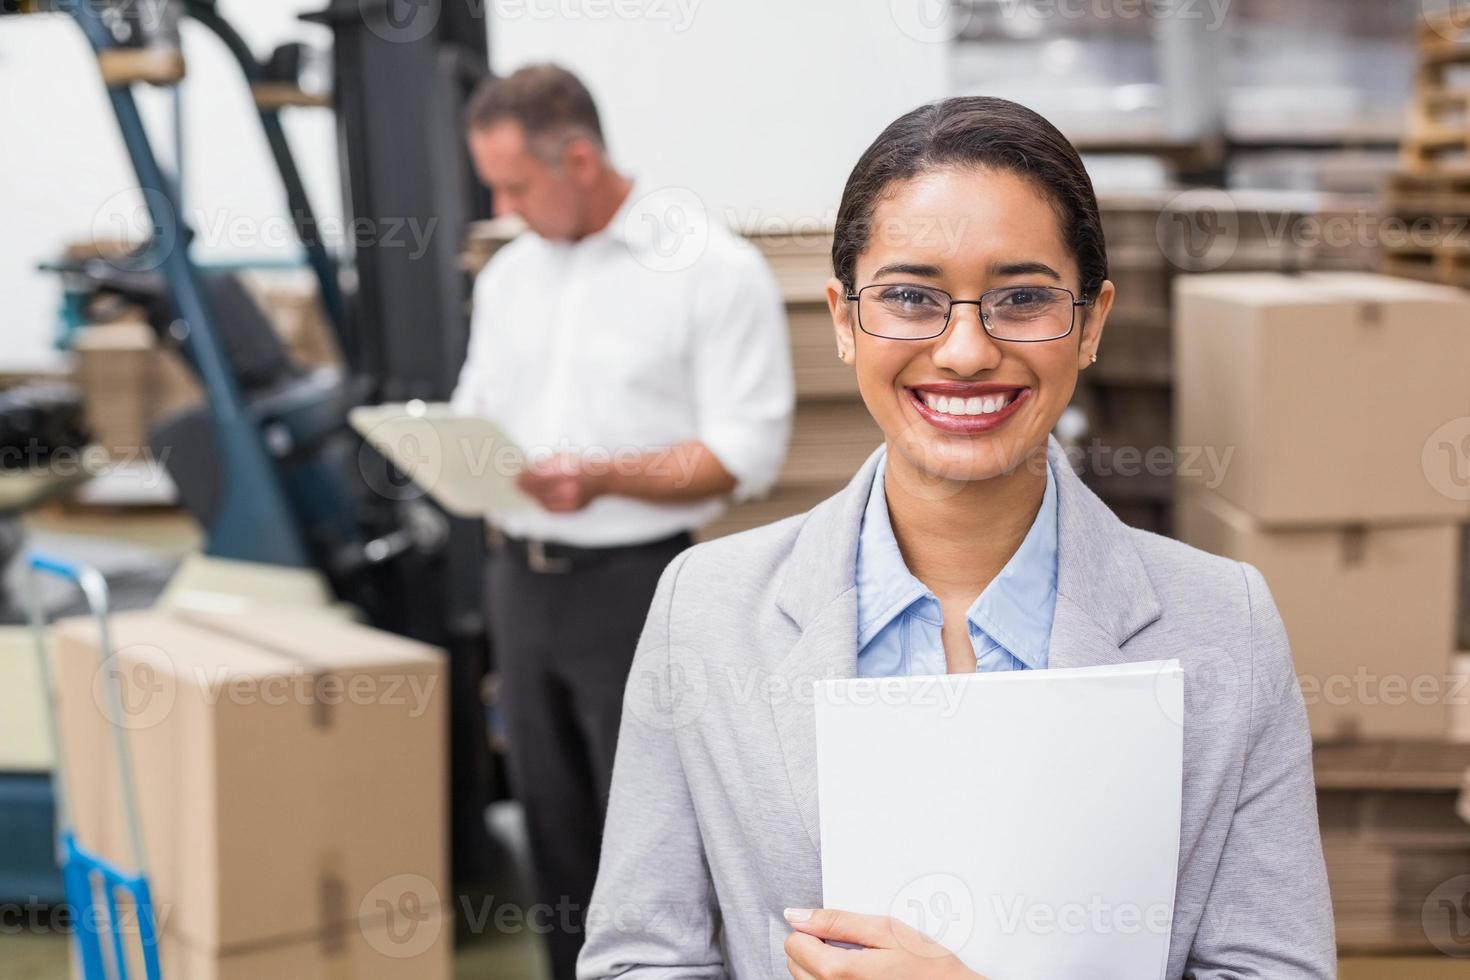 vrouwelijke manager met bestanden tijdens drukke periode foto